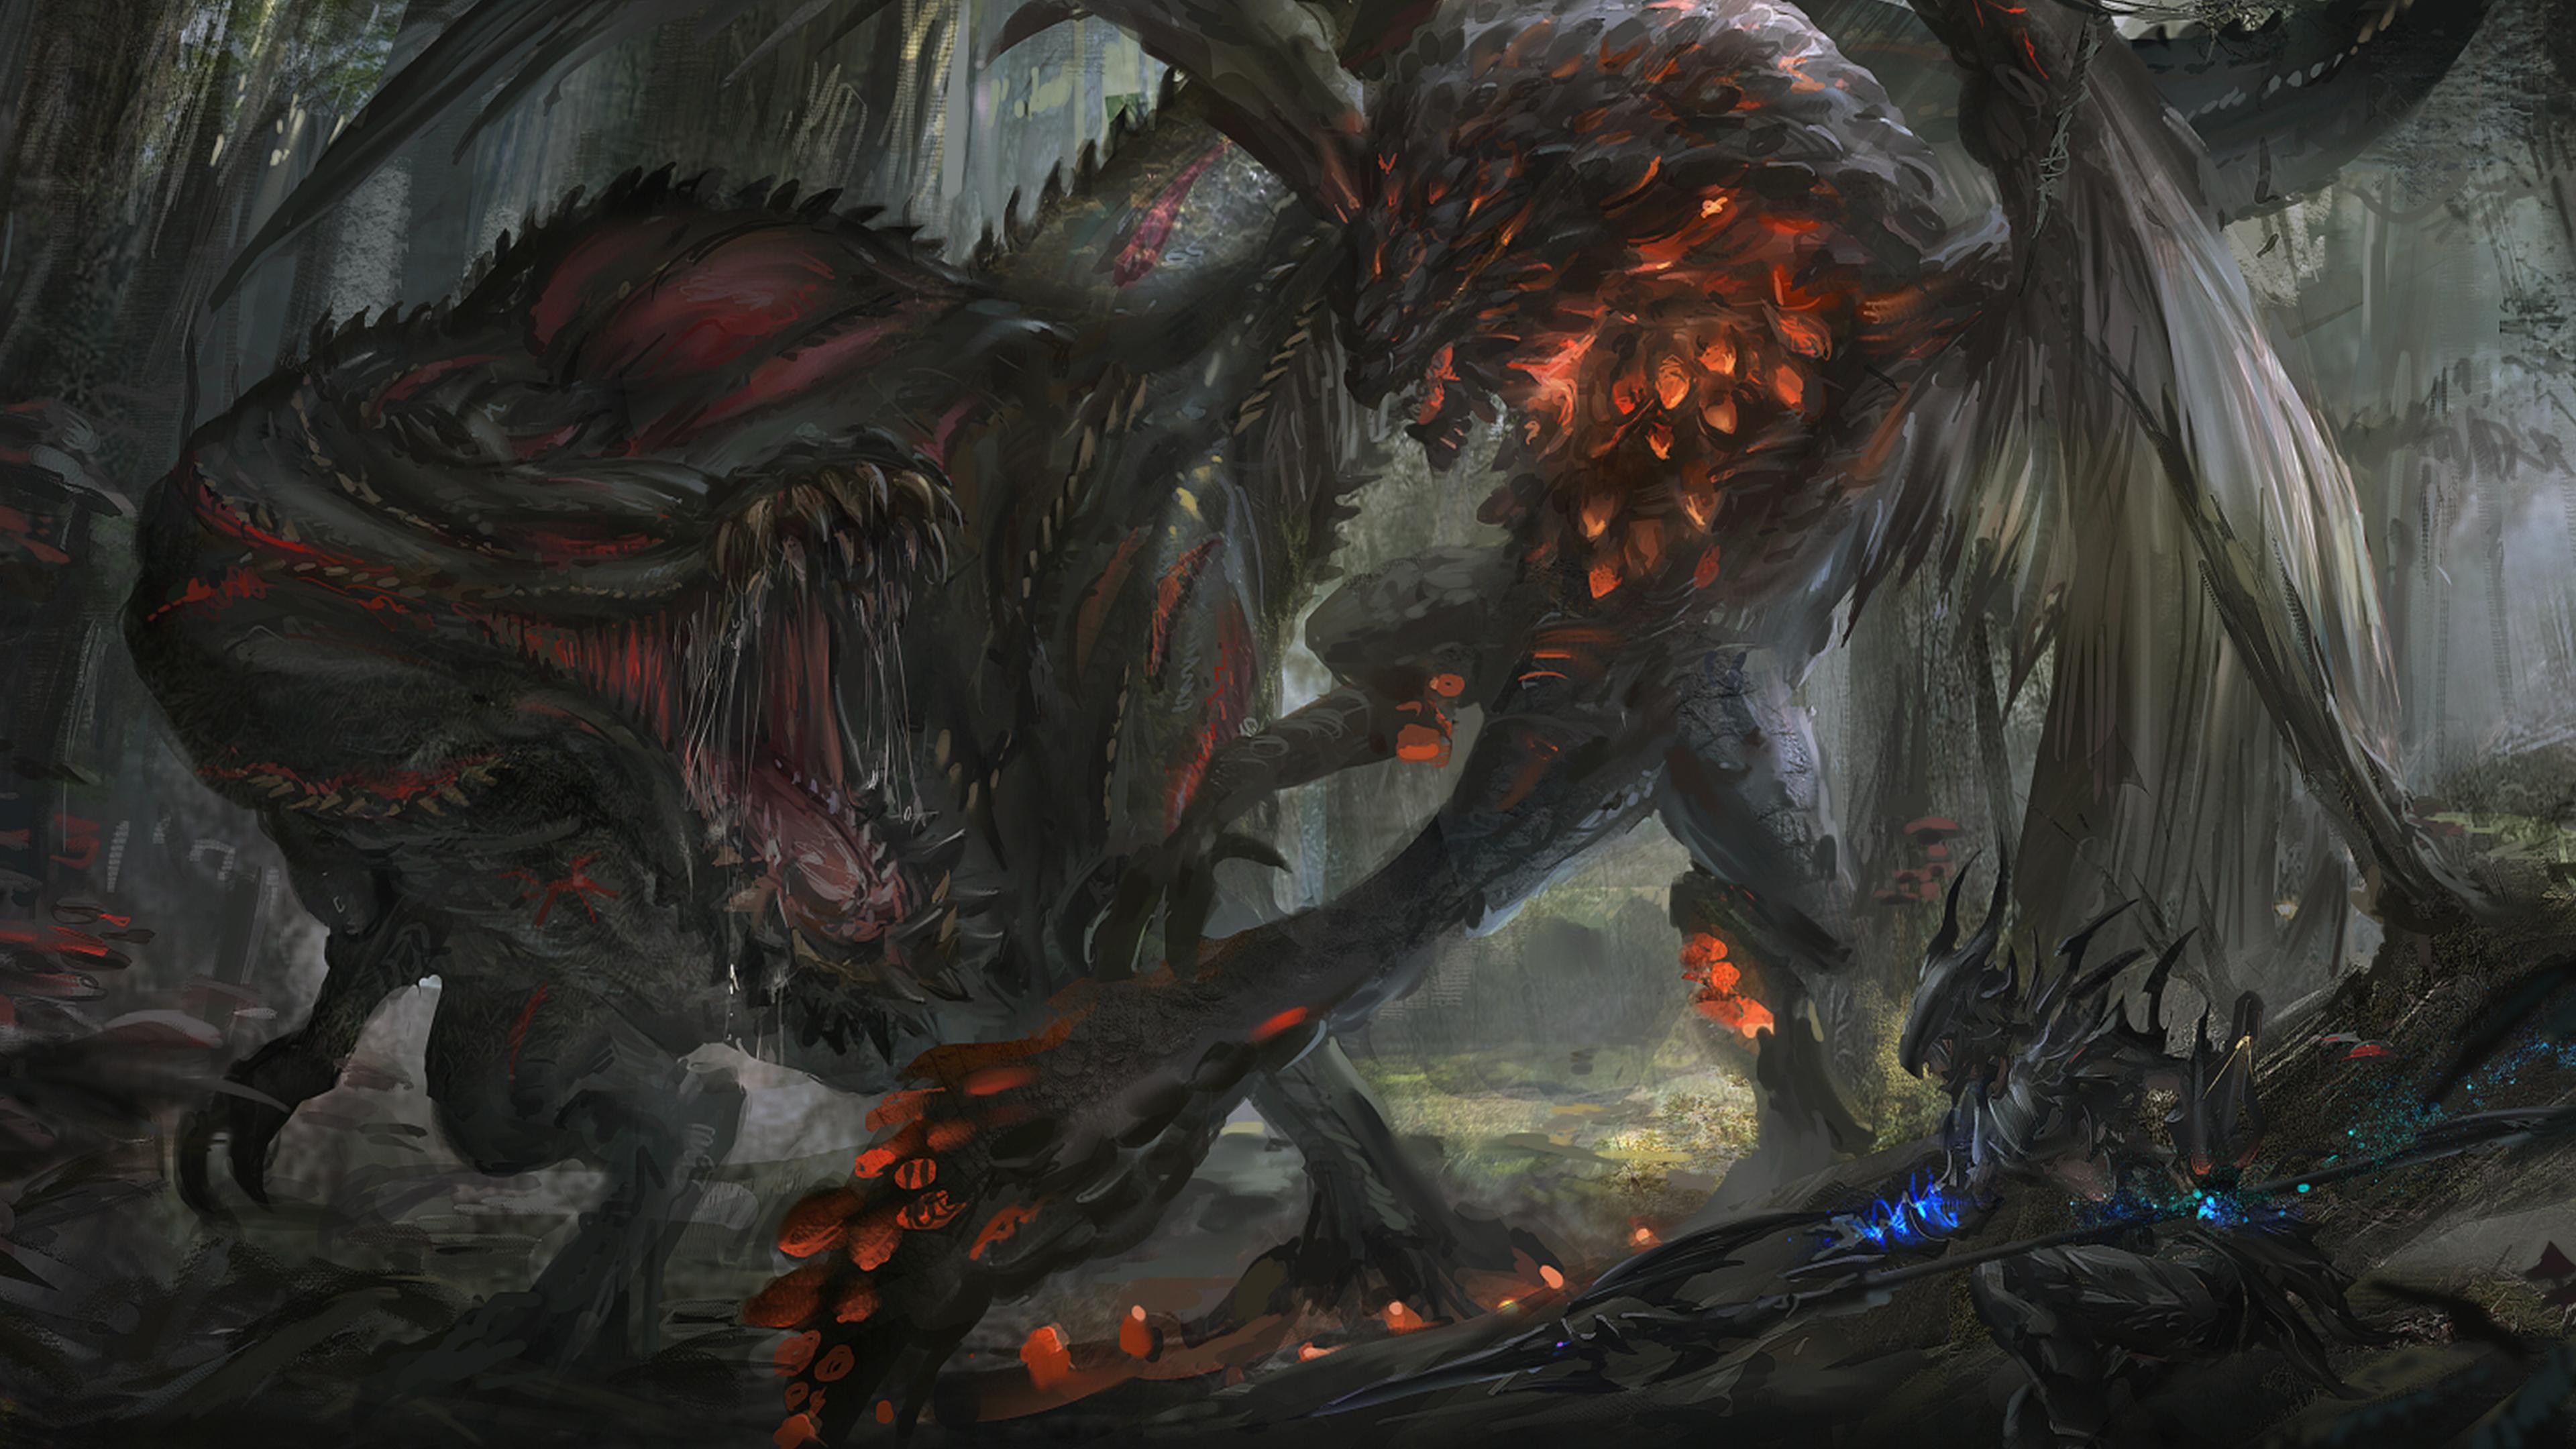 monster-hunter-world-wallpaper-zuu-14